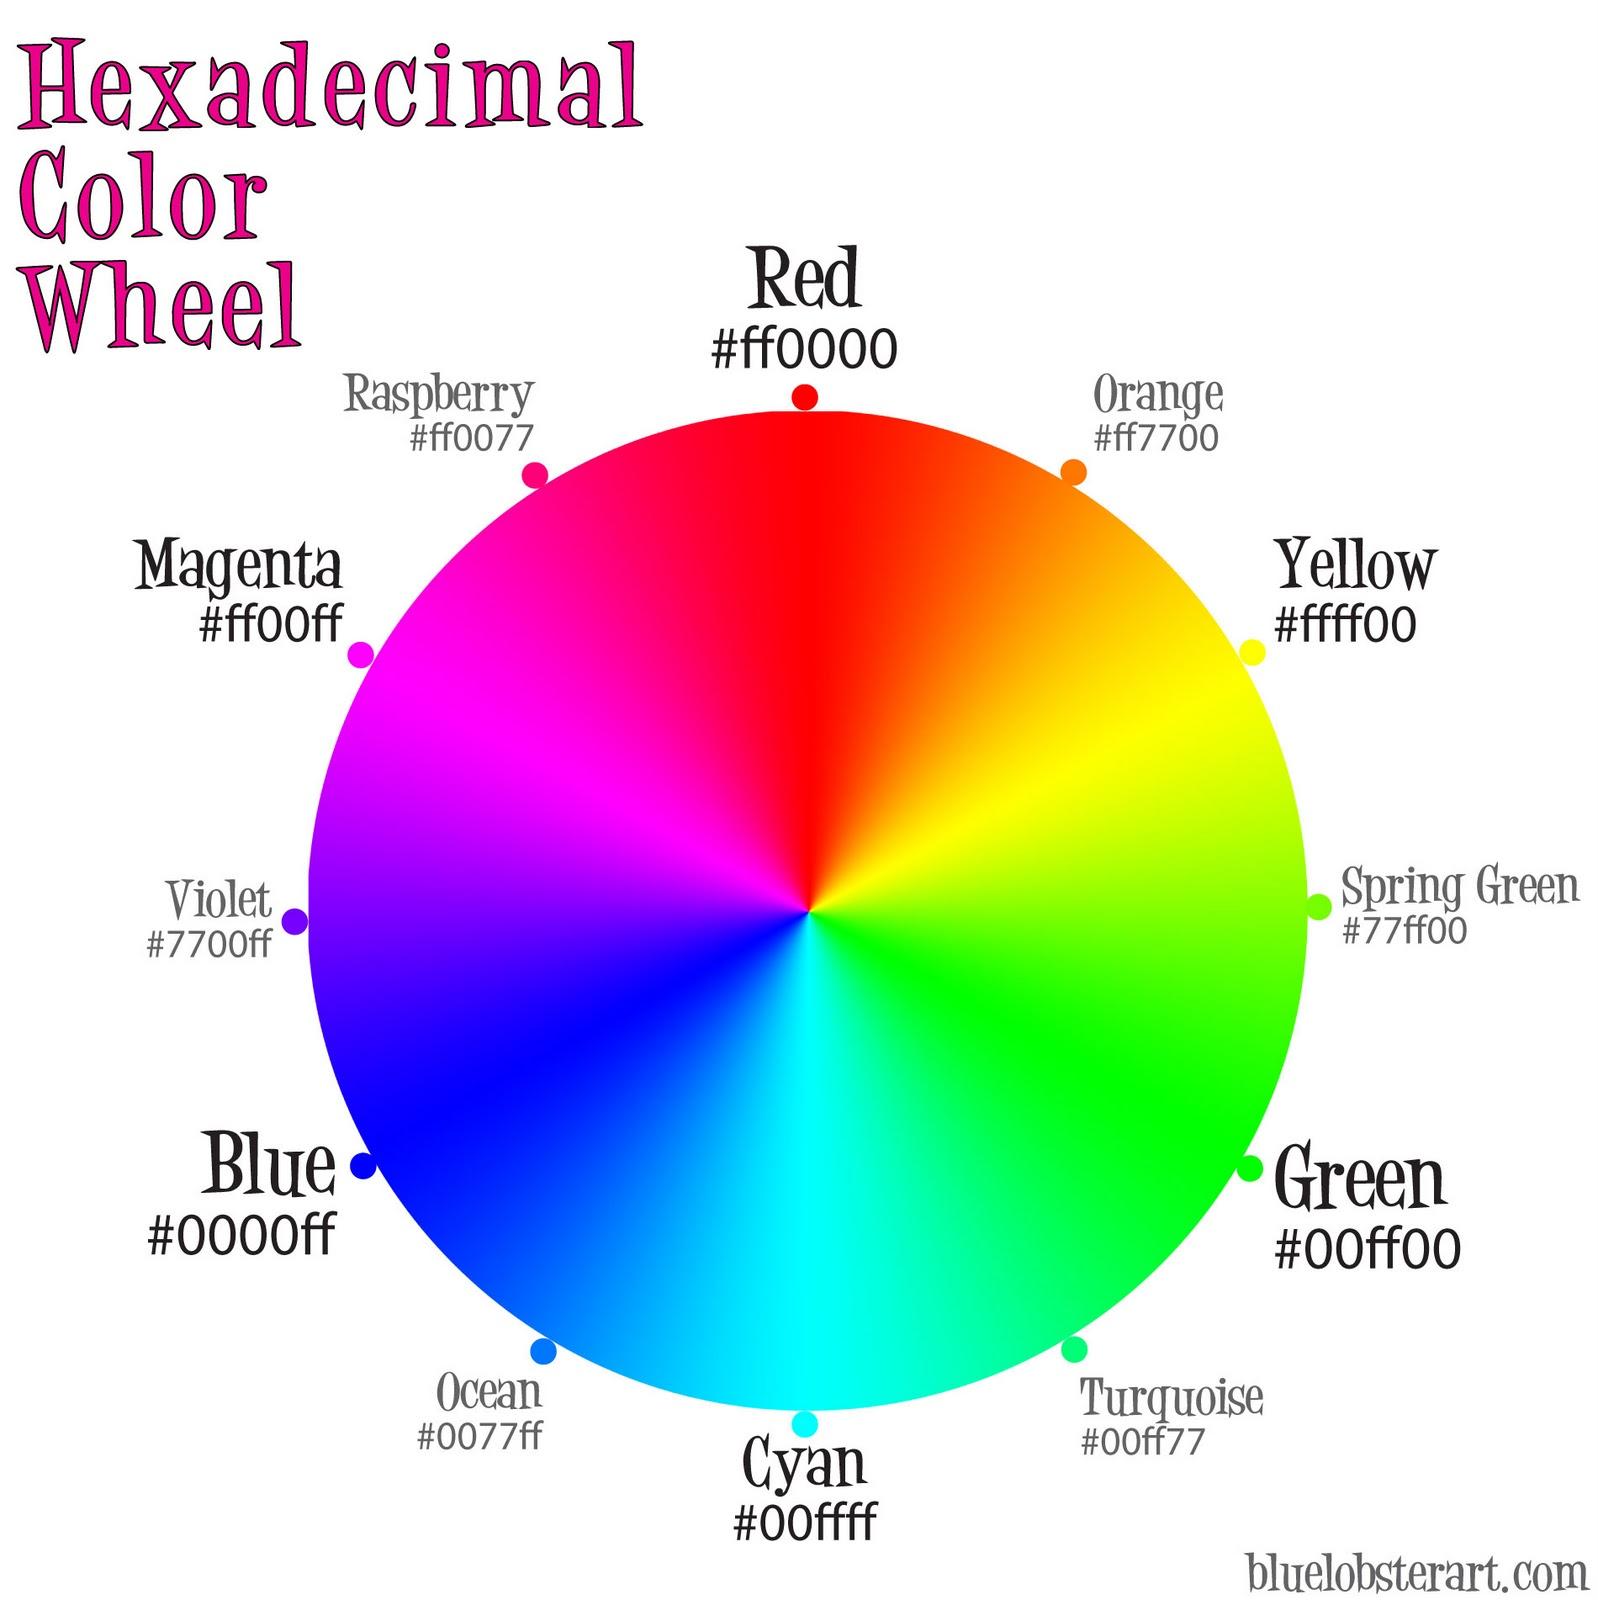 http://4.bp.blogspot.com/-1TFIe2-vACU/Tv-N-Q2STvI/AAAAAAAABRA/FTCwT8oz_m0/s1600/hexadecimal-color-wheel-lg.jpg